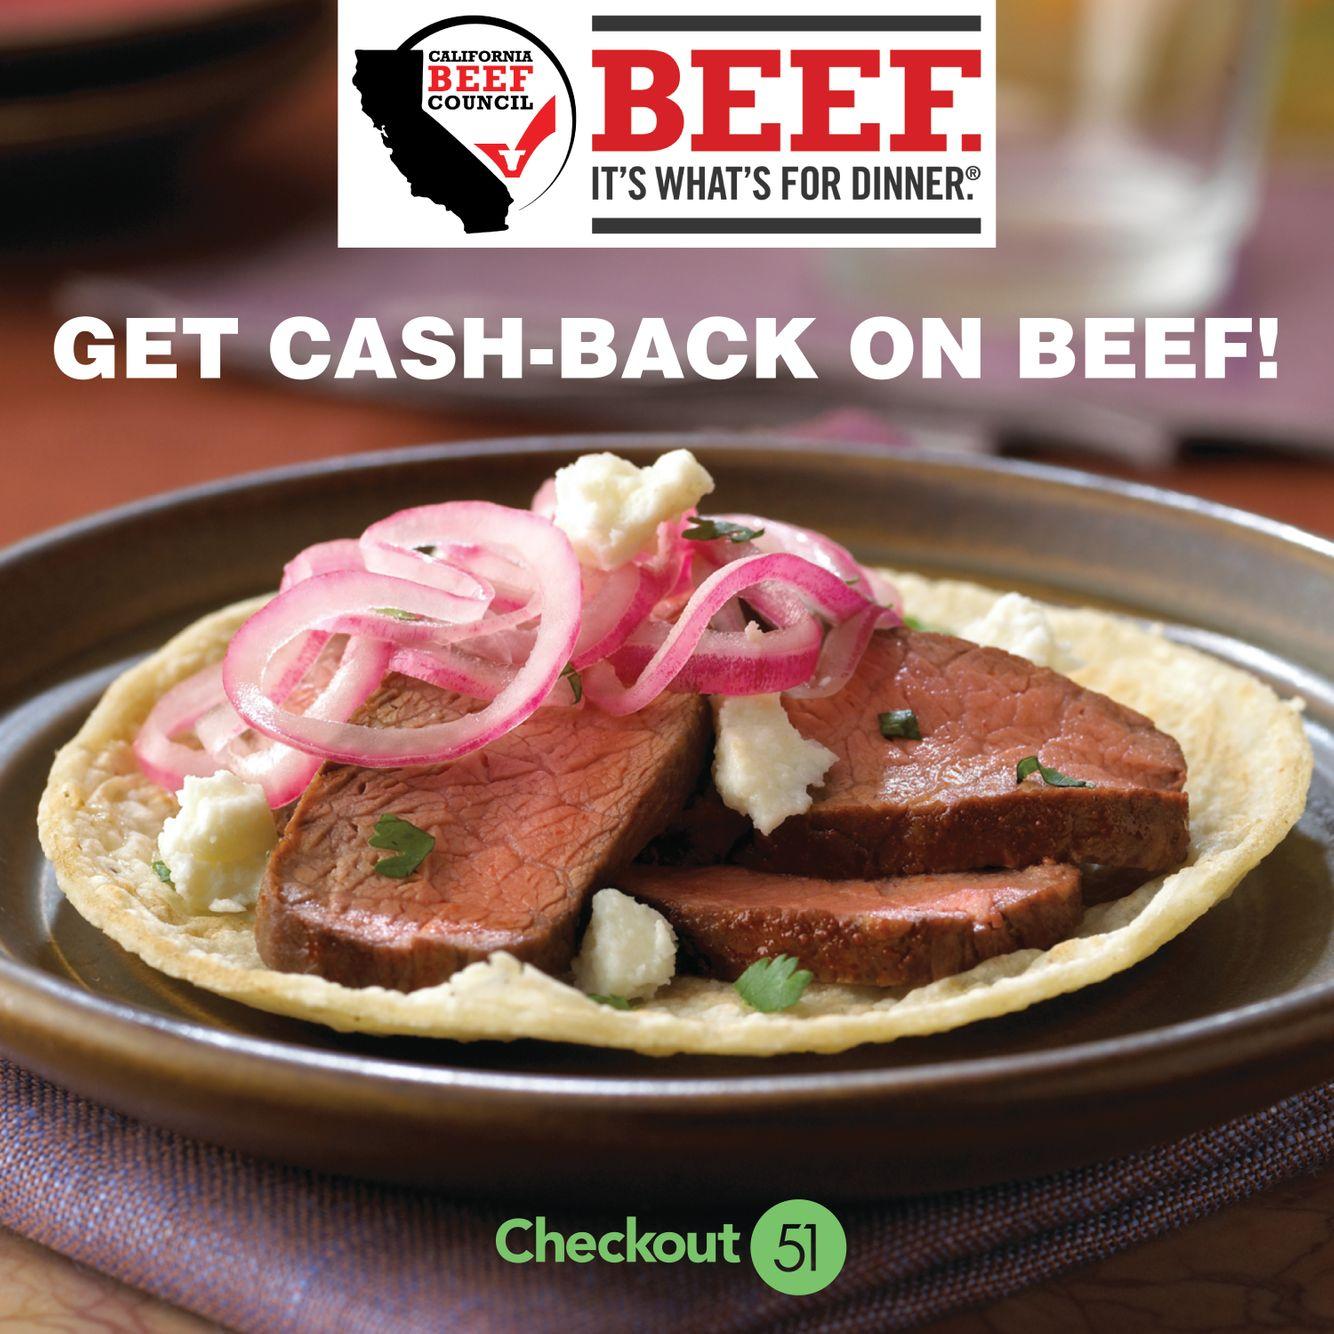 Beef Offer Image4- TTYM.jpg